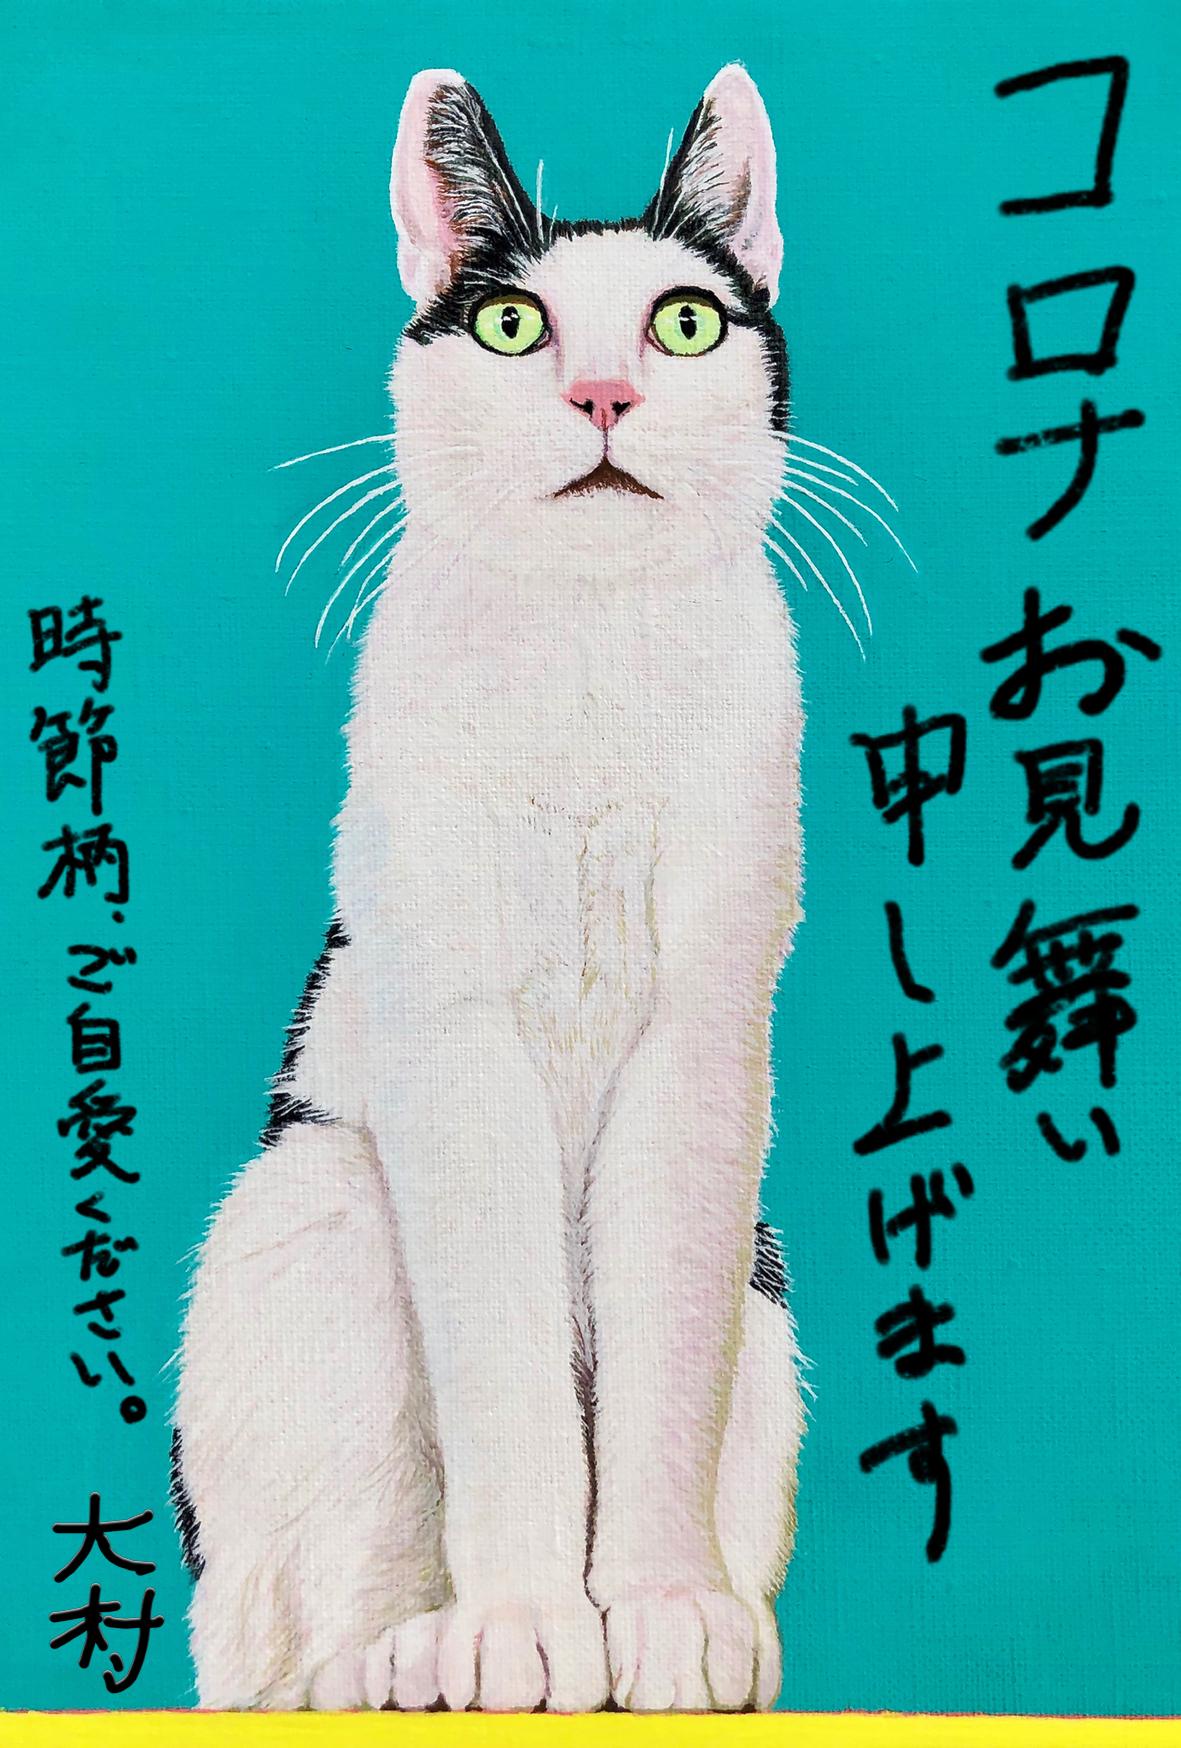 masafumi omura - 「コロナお見舞い申し上げる猫」大村理文